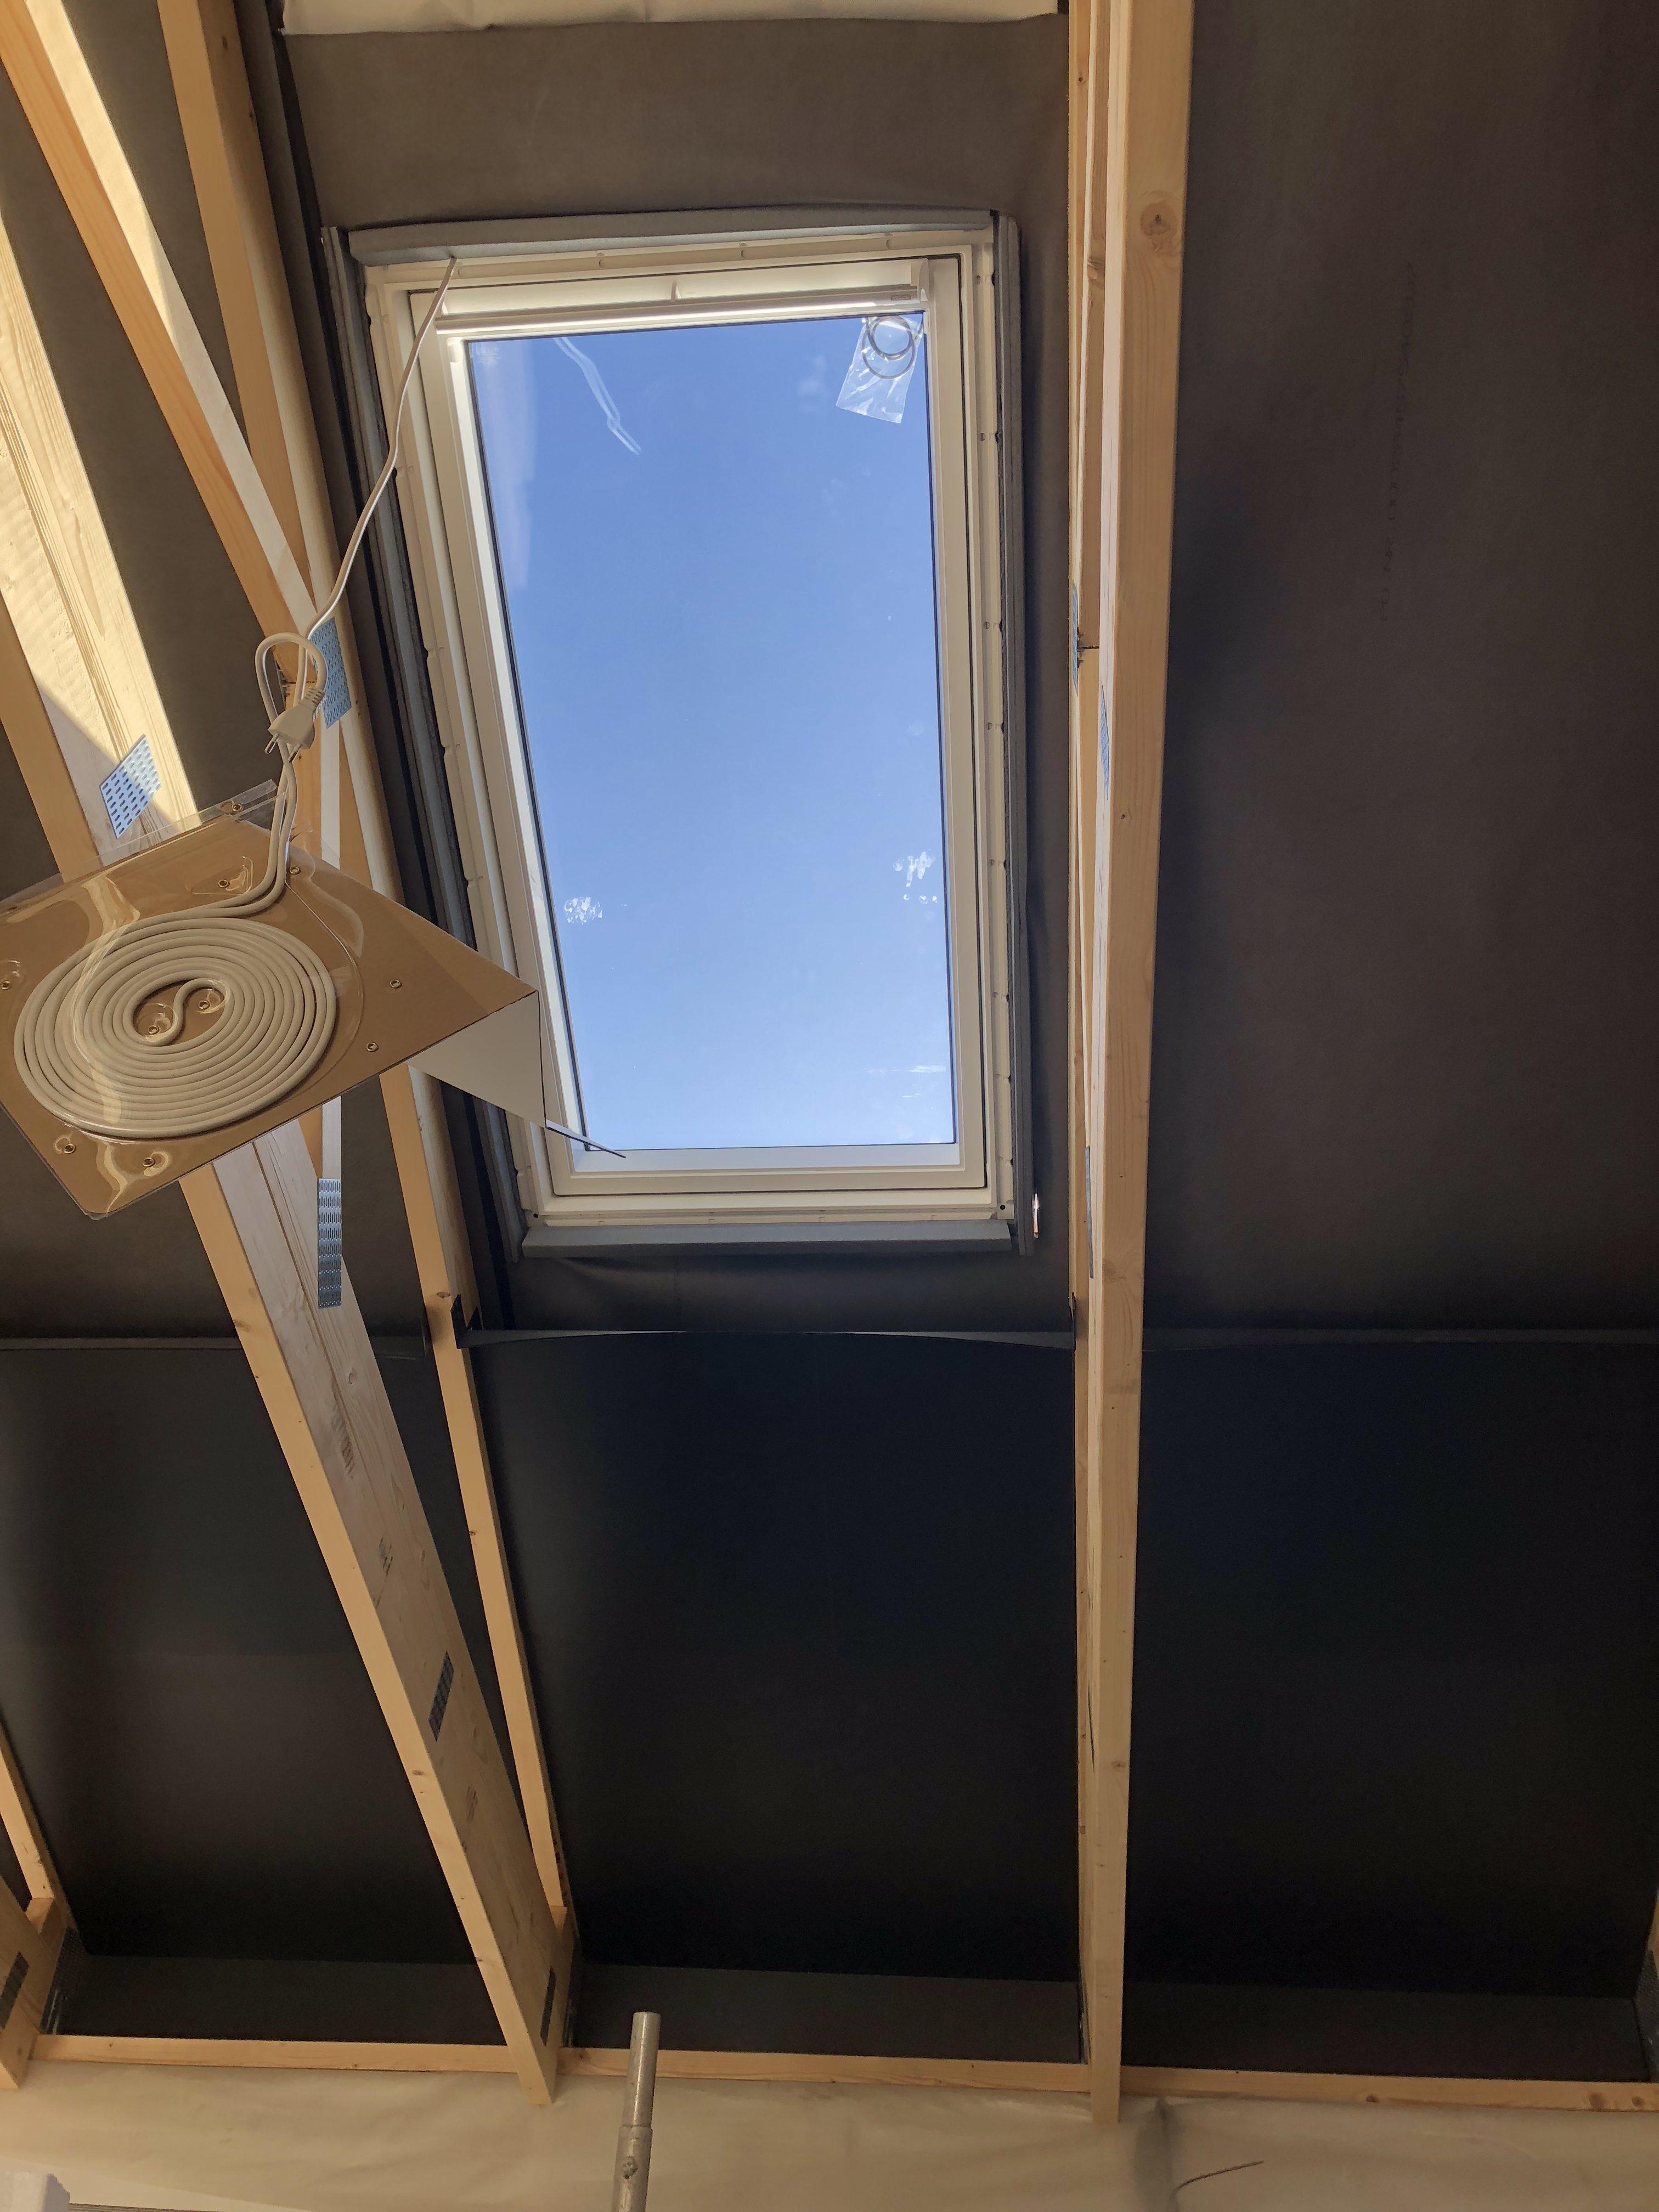 Kloak, vand og gulvvarme - Familien Lyngholm Nordbeck bygger nyt hus på Kærhaven i Jordrup